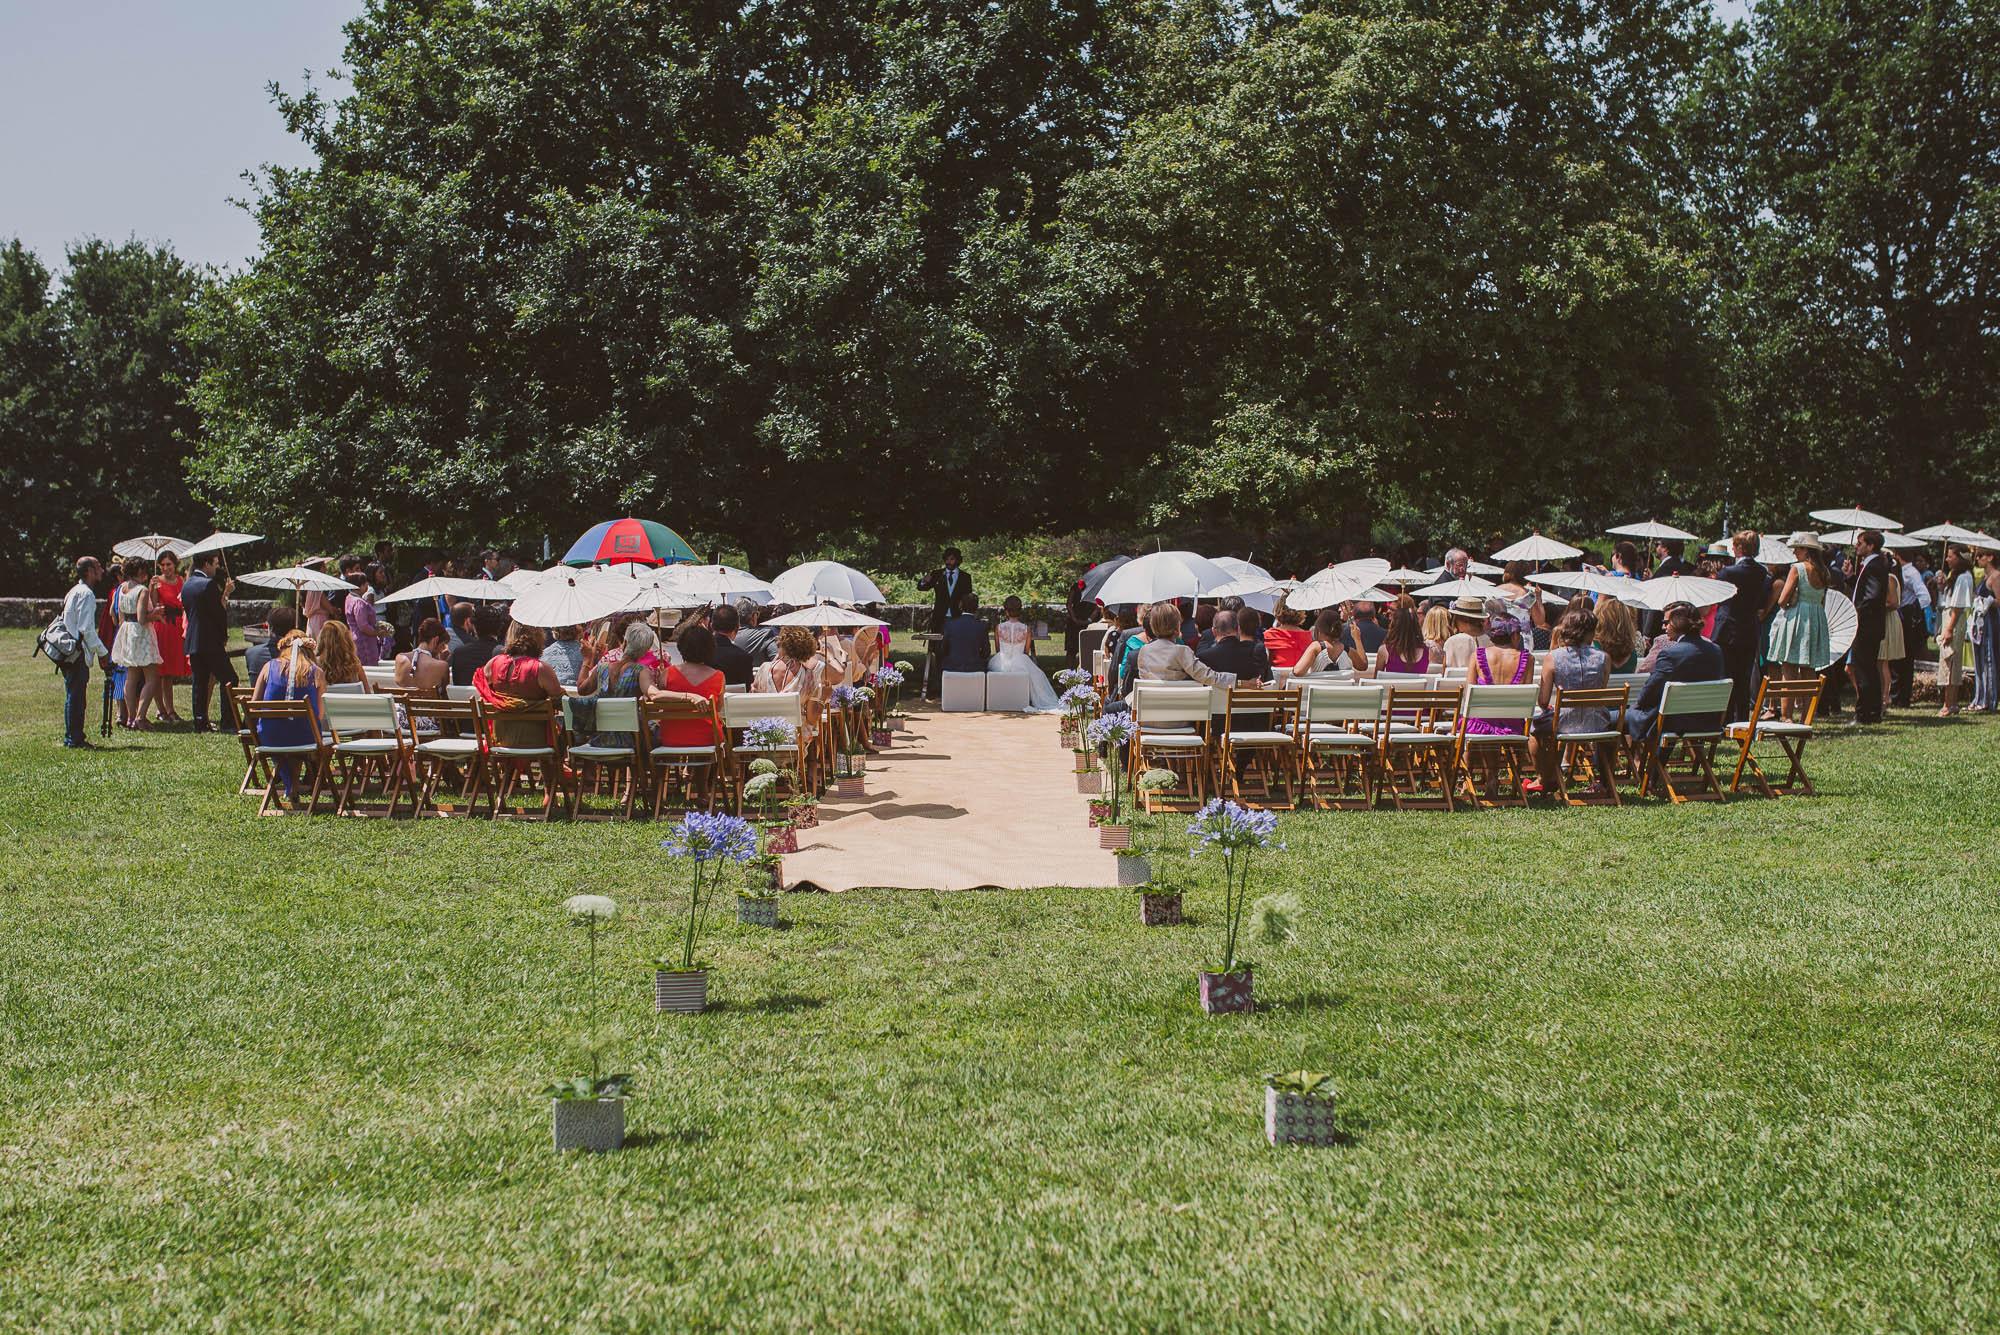 Los invitados en la ceremonia cubiertos con sombrillas en el jardín